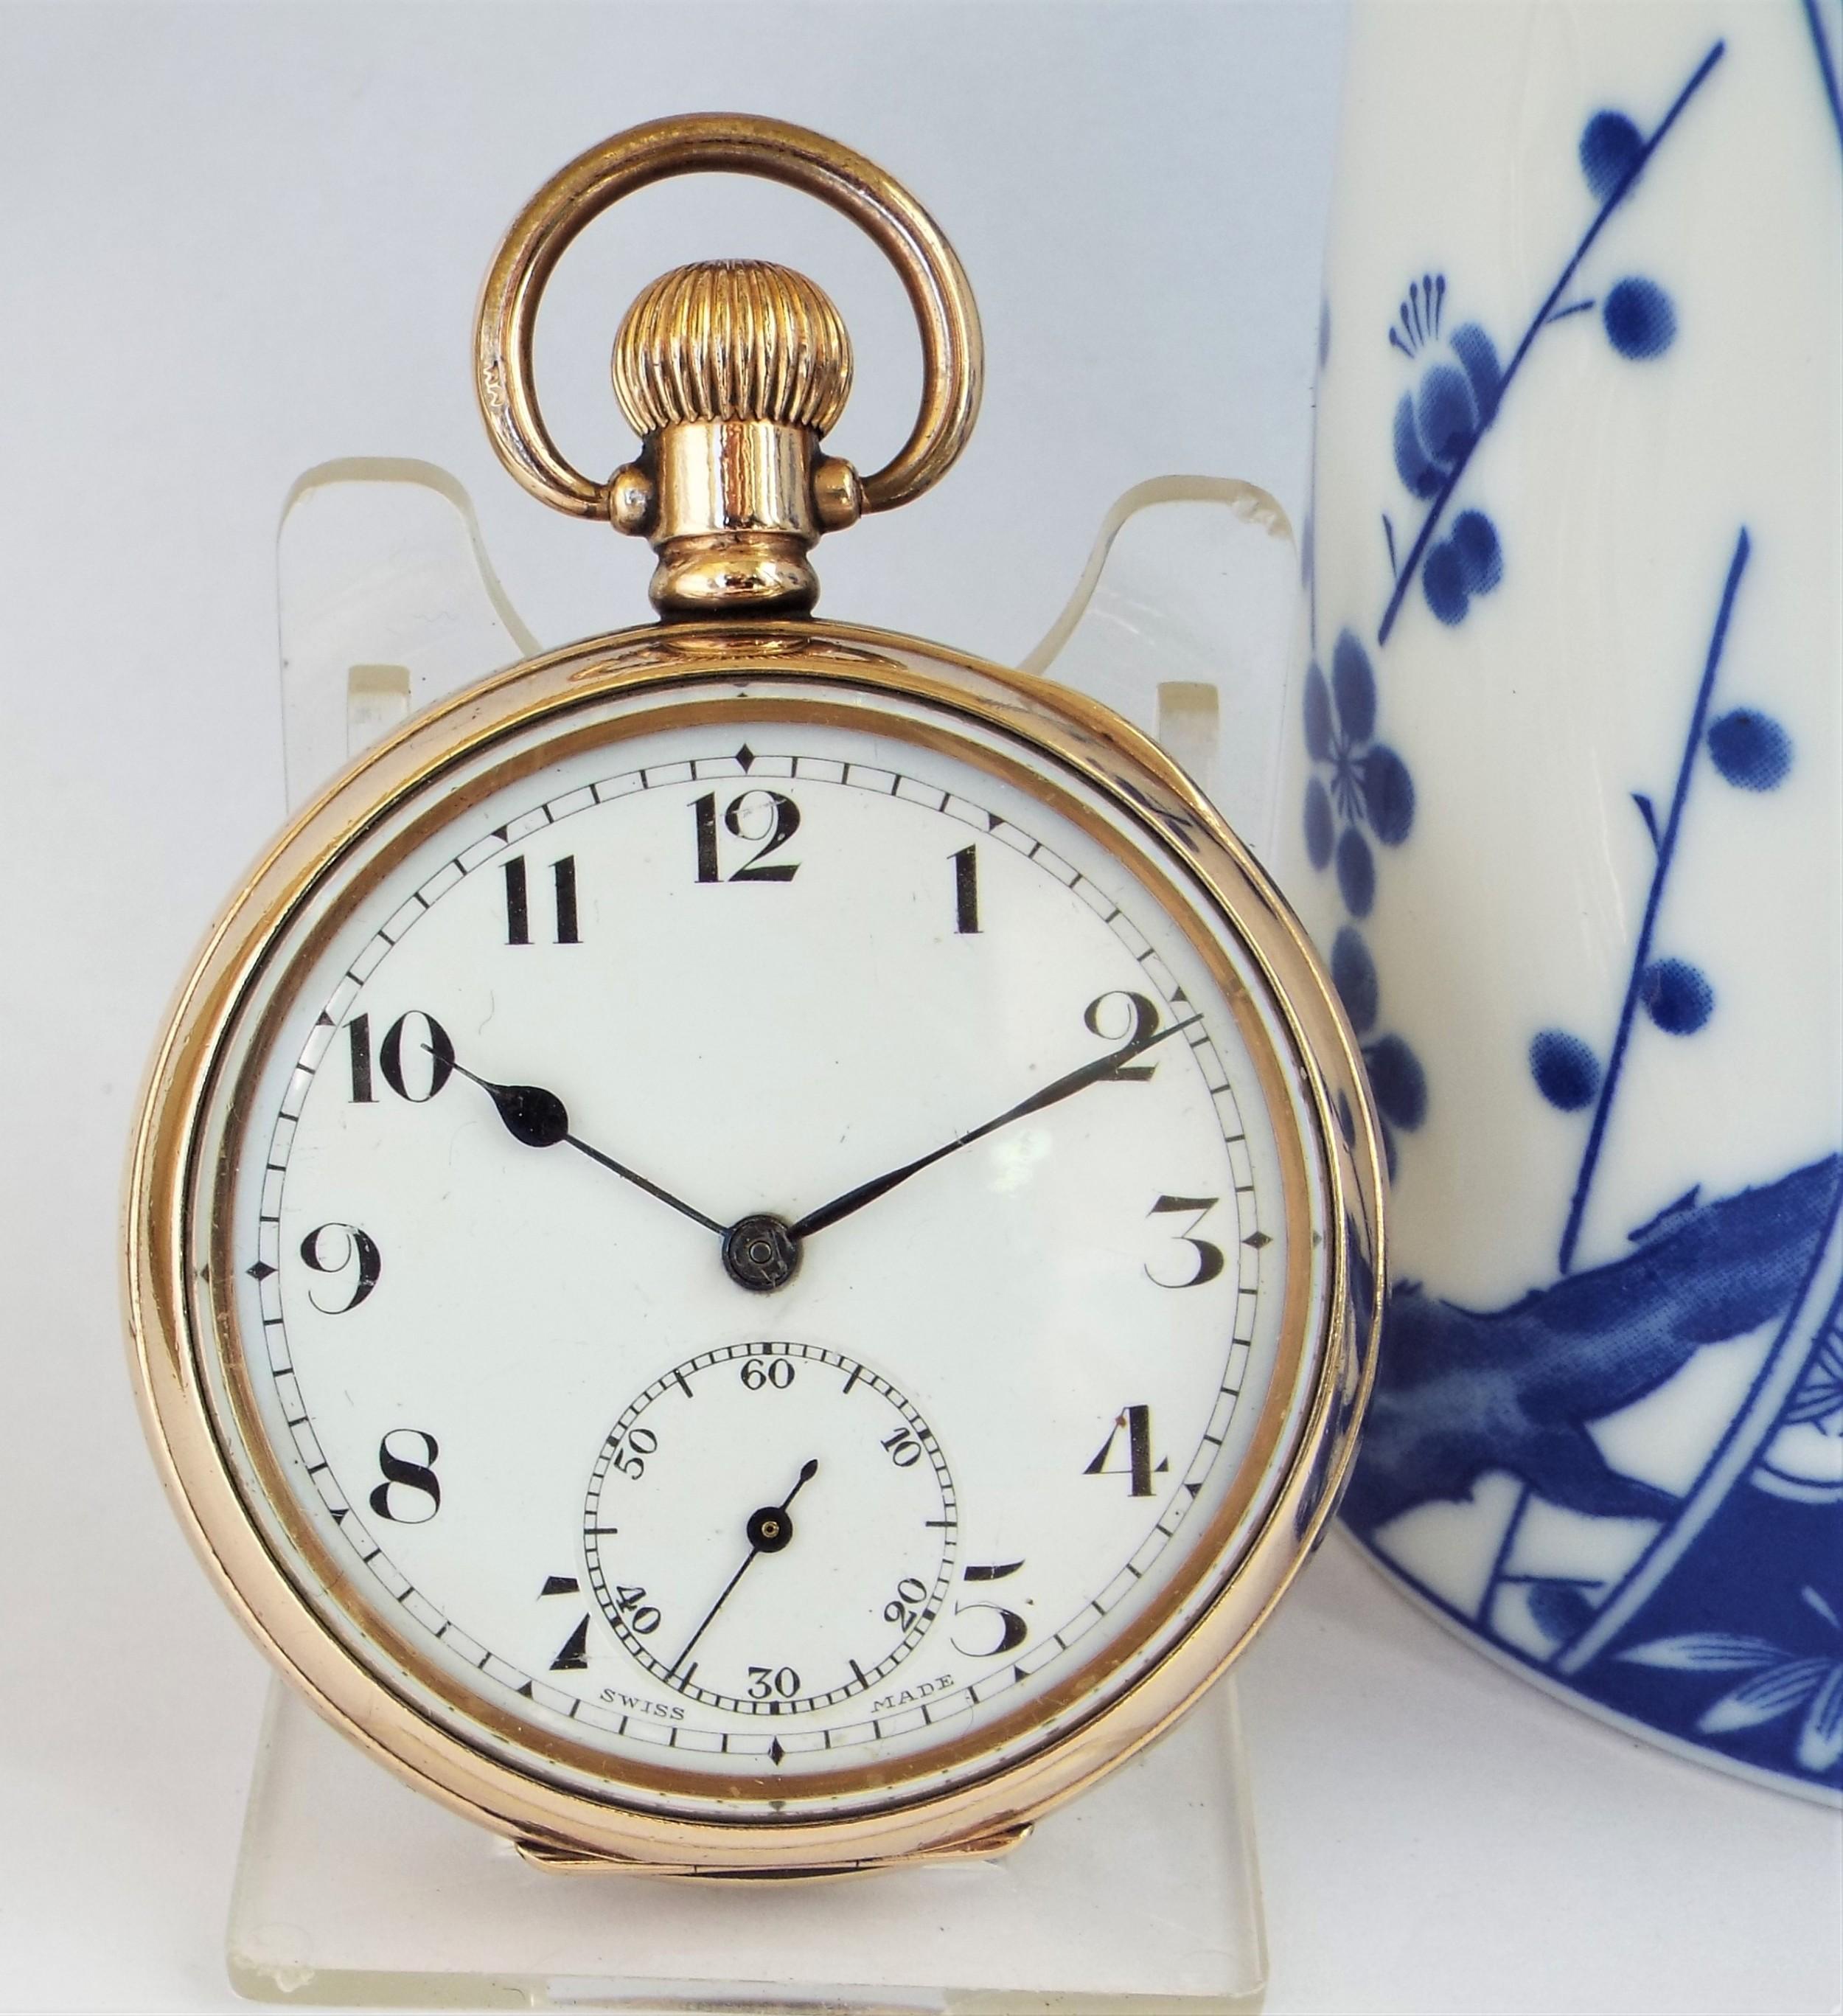 1930s cyma pocket watch